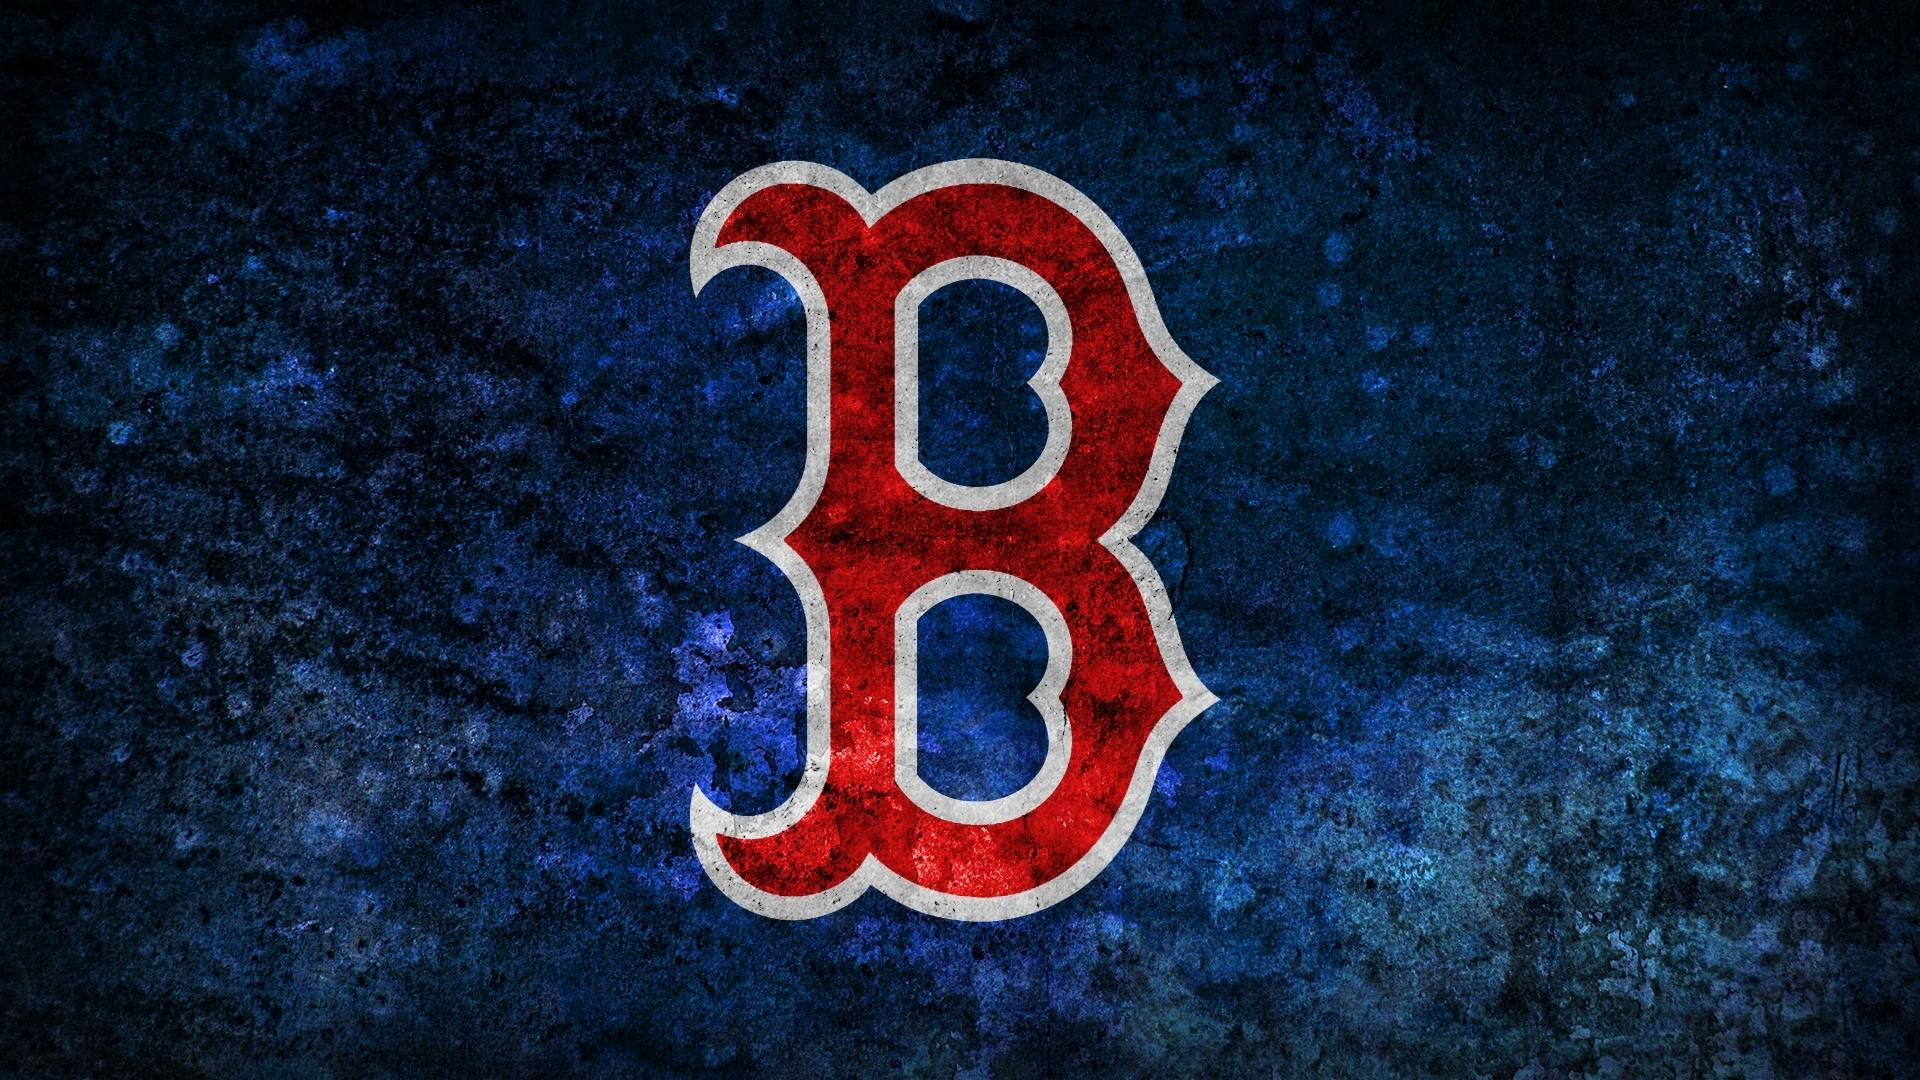 boston-red-sox-logo-wallpaper - wallpaper.wiki